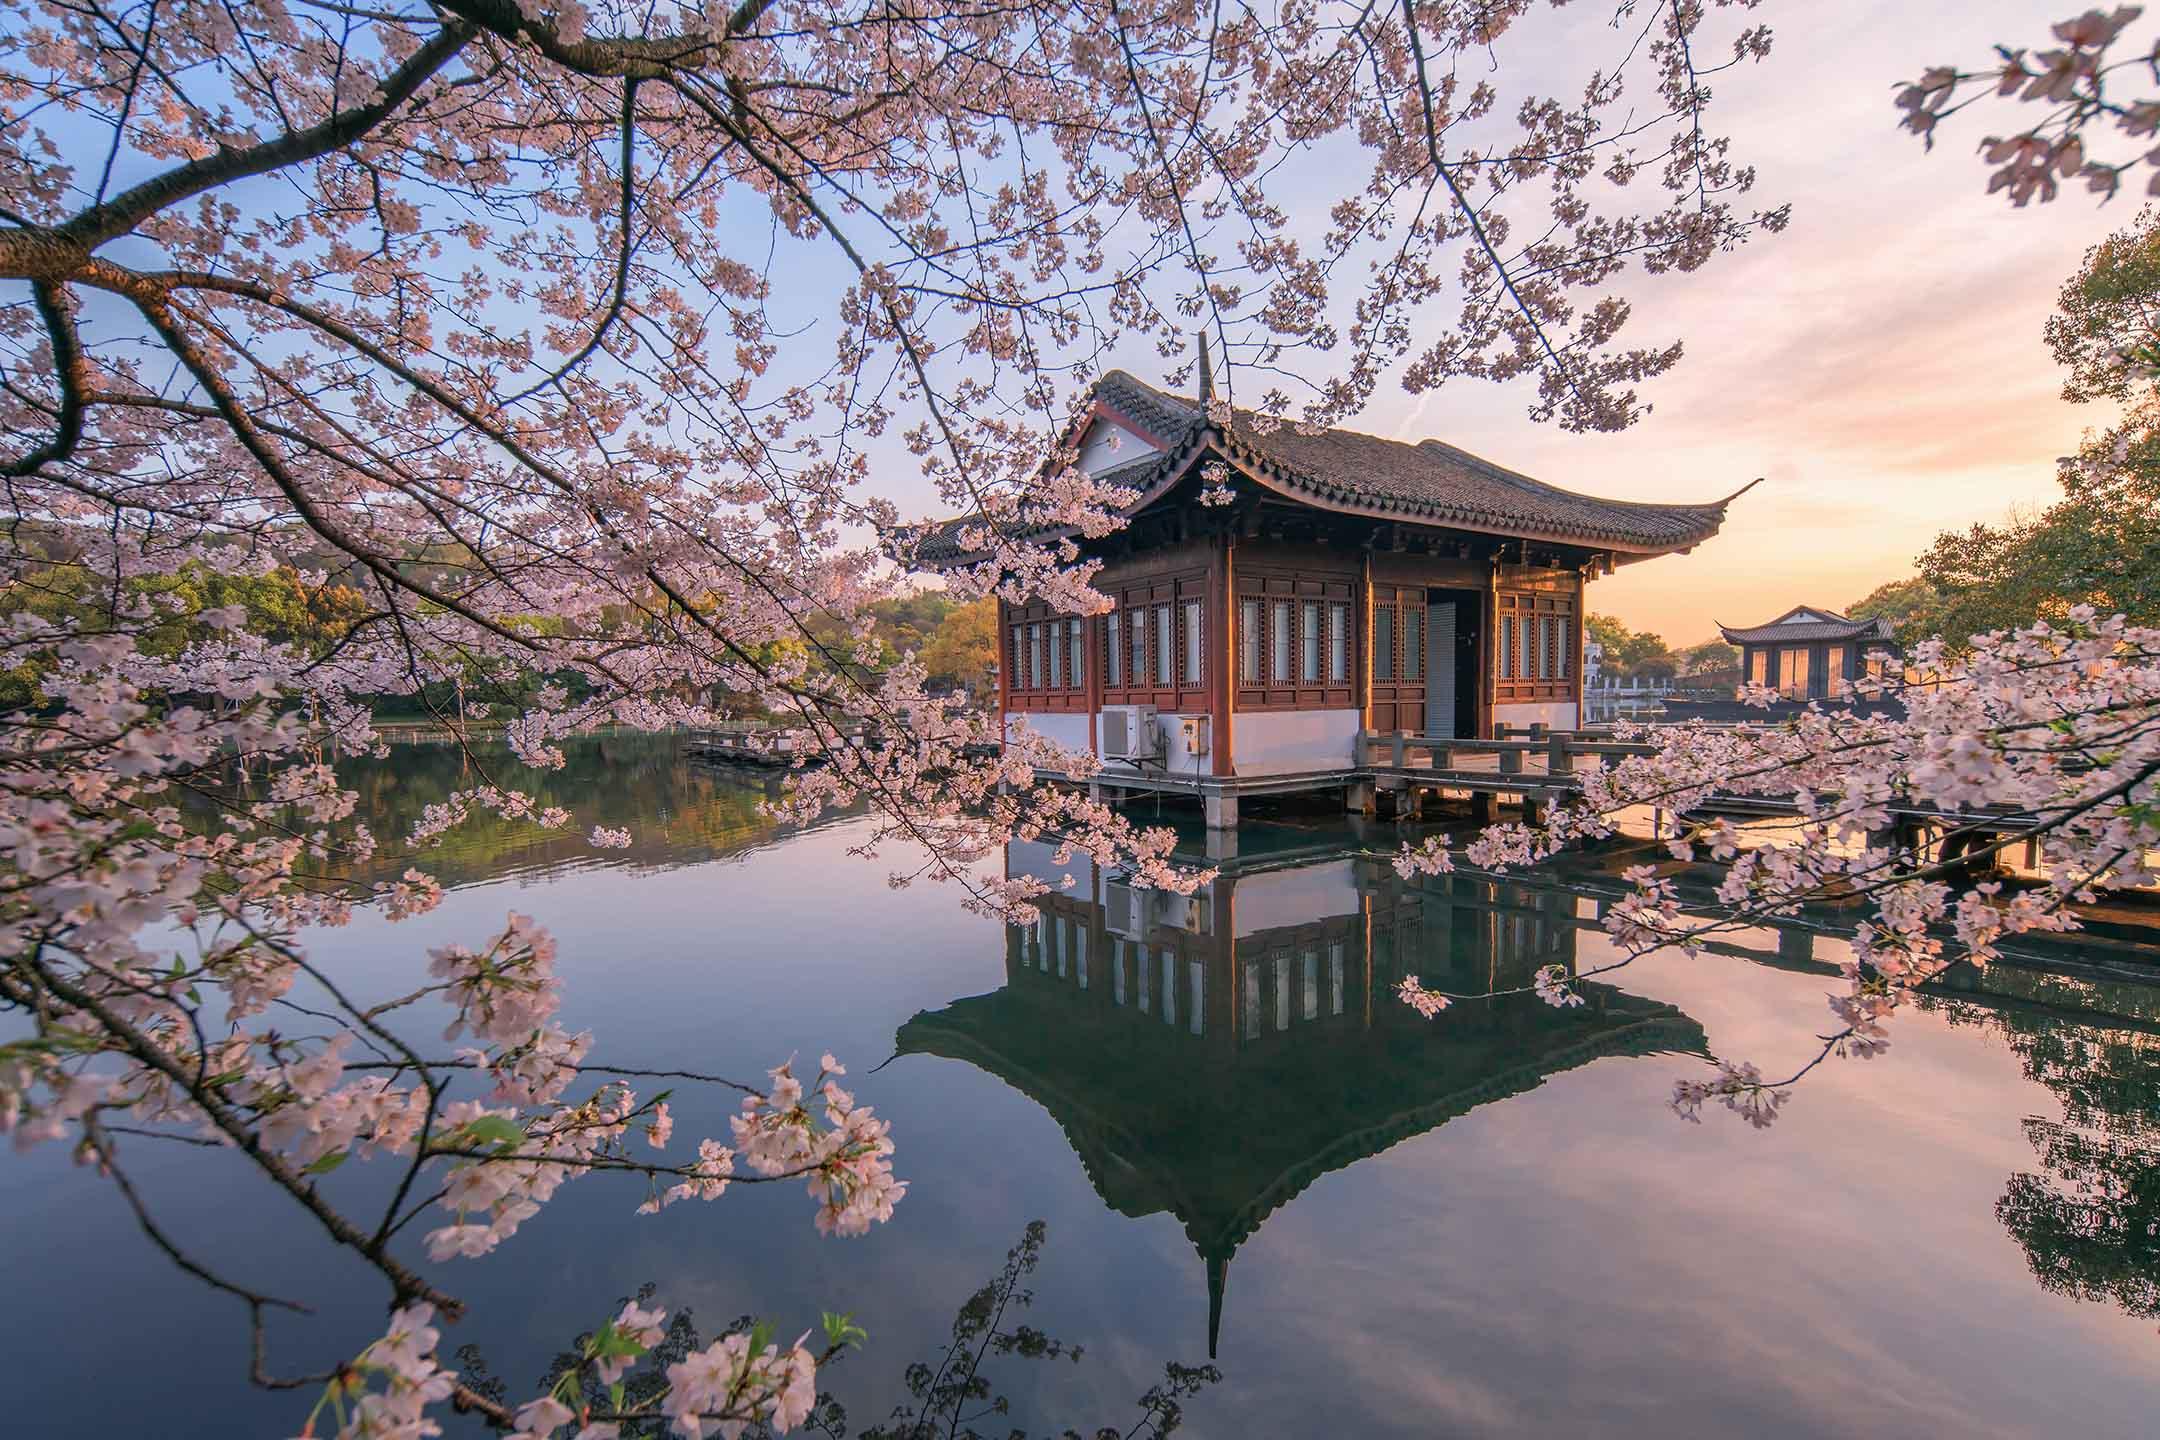 2021年3月22日,杭州西湖,櫻花在微風中飄動。